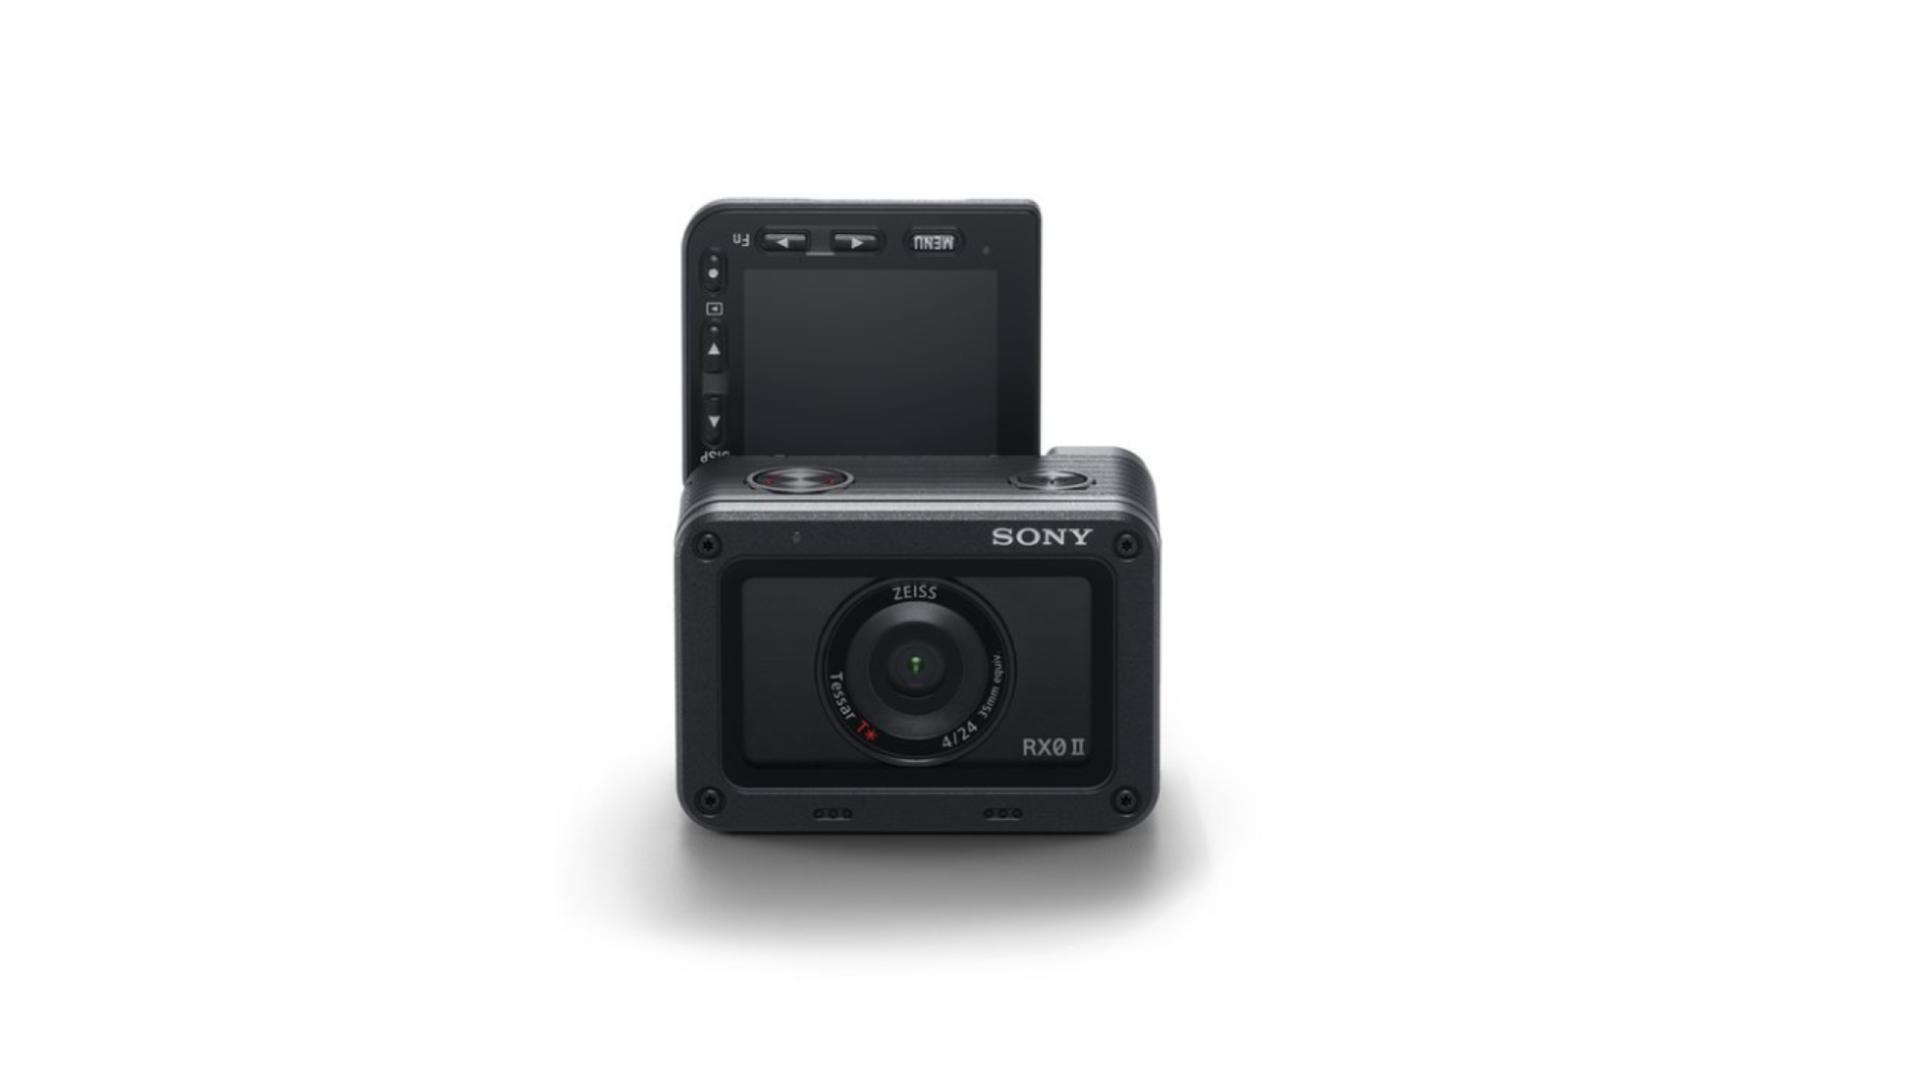 Sony RX0 Mark II : très compact et performant, cet appareil photo comble les lacunes des smartphones